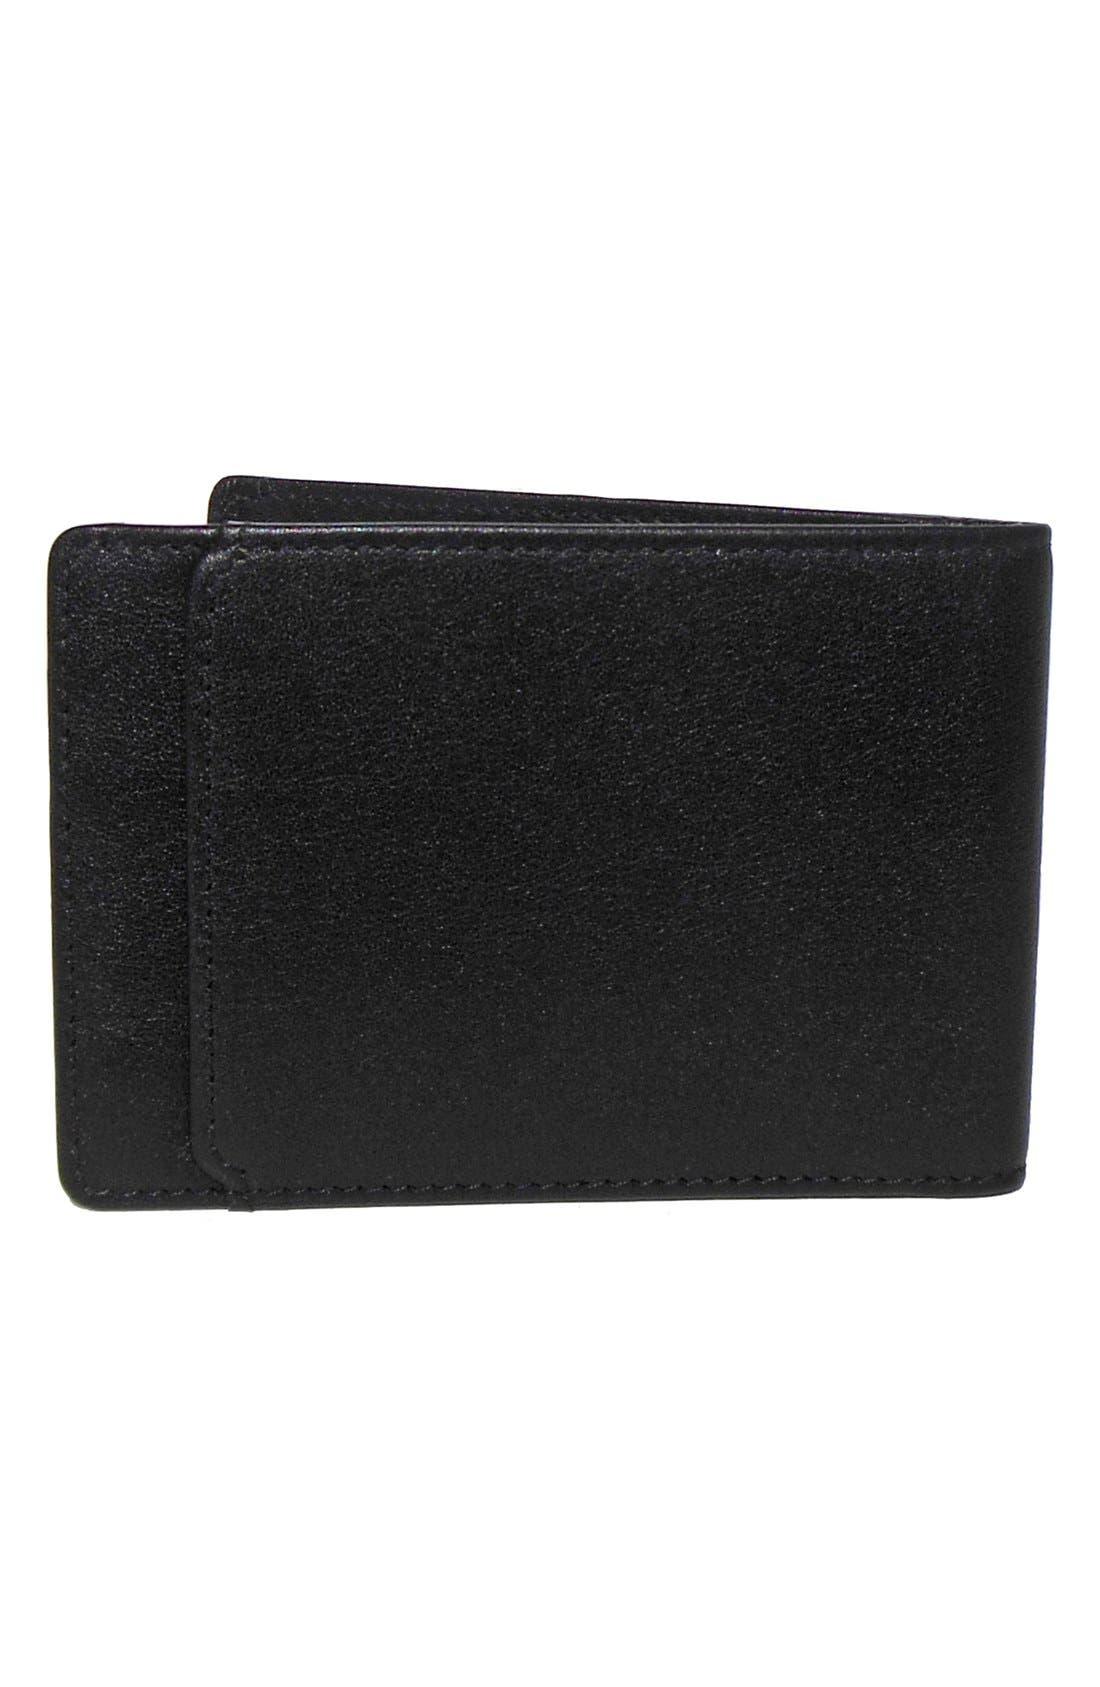 'Grant Slimster' RFID Blocker Leather Wallet,                             Alternate thumbnail 4, color,